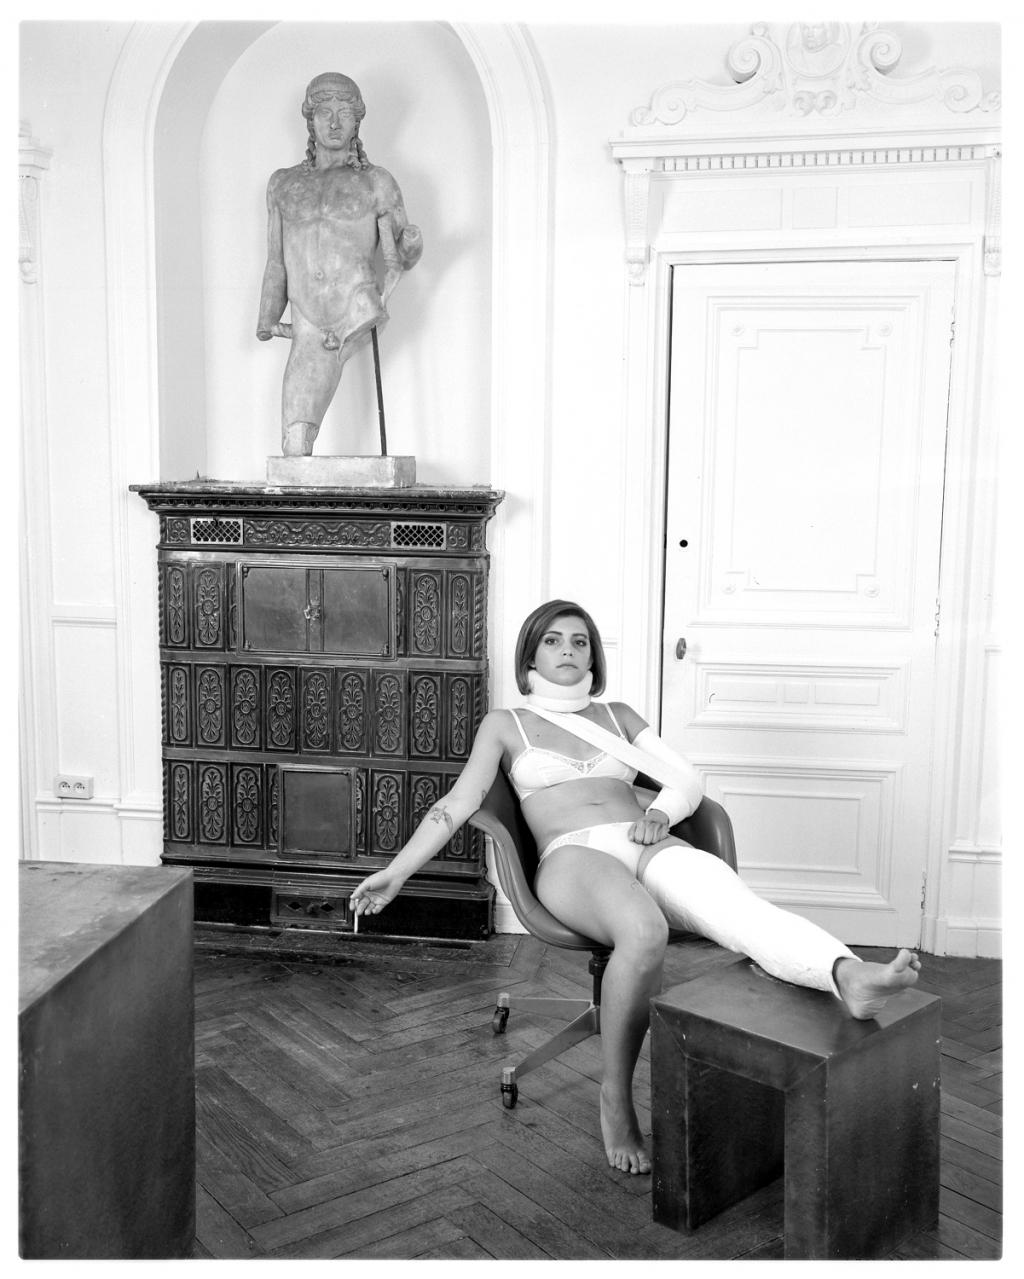 FRANÇOIS CAVELIER 4×5″ Photographic Archives